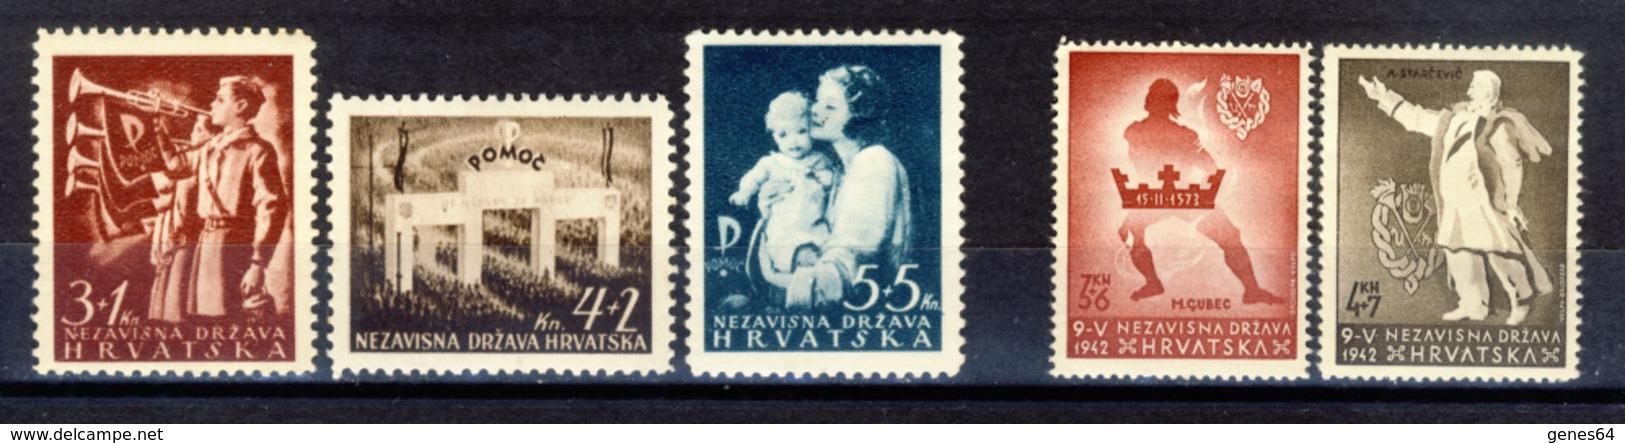 1942 - Croazia Indipendente - Soccorso Nazionale E Pro Gioventù Ustascia - Nuovi MLH* - Kroatien